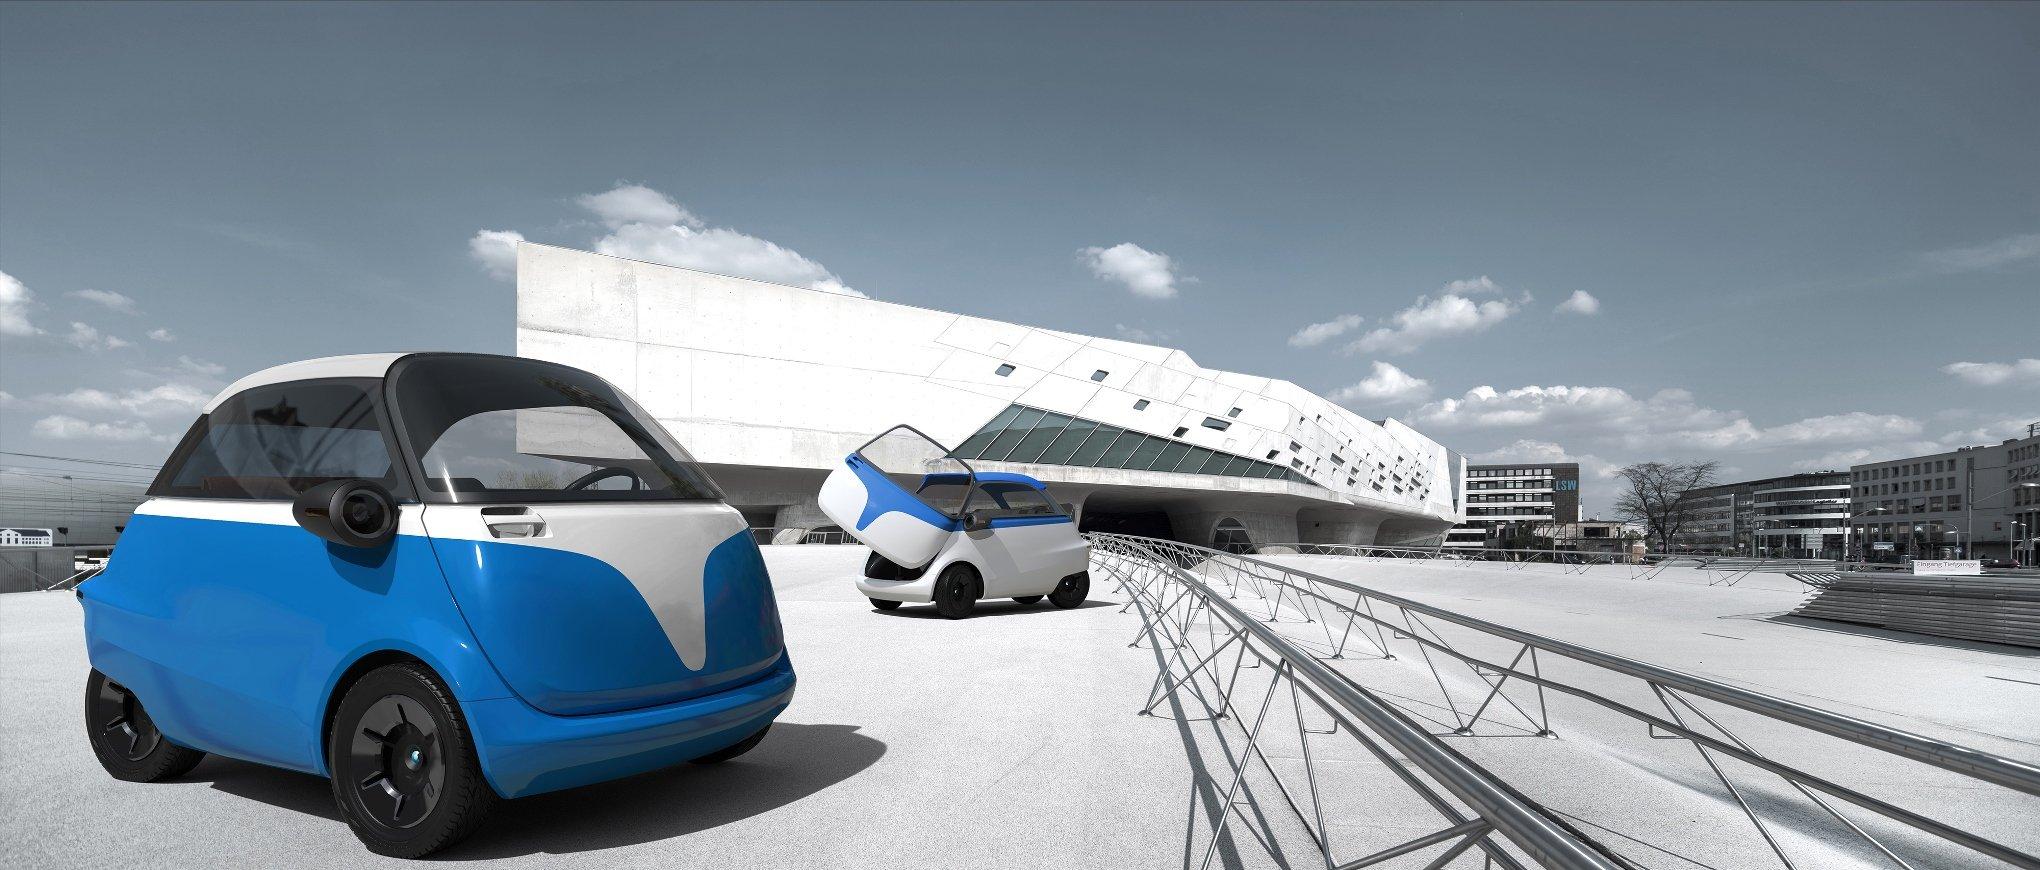 Autosalon Genf: Microlino